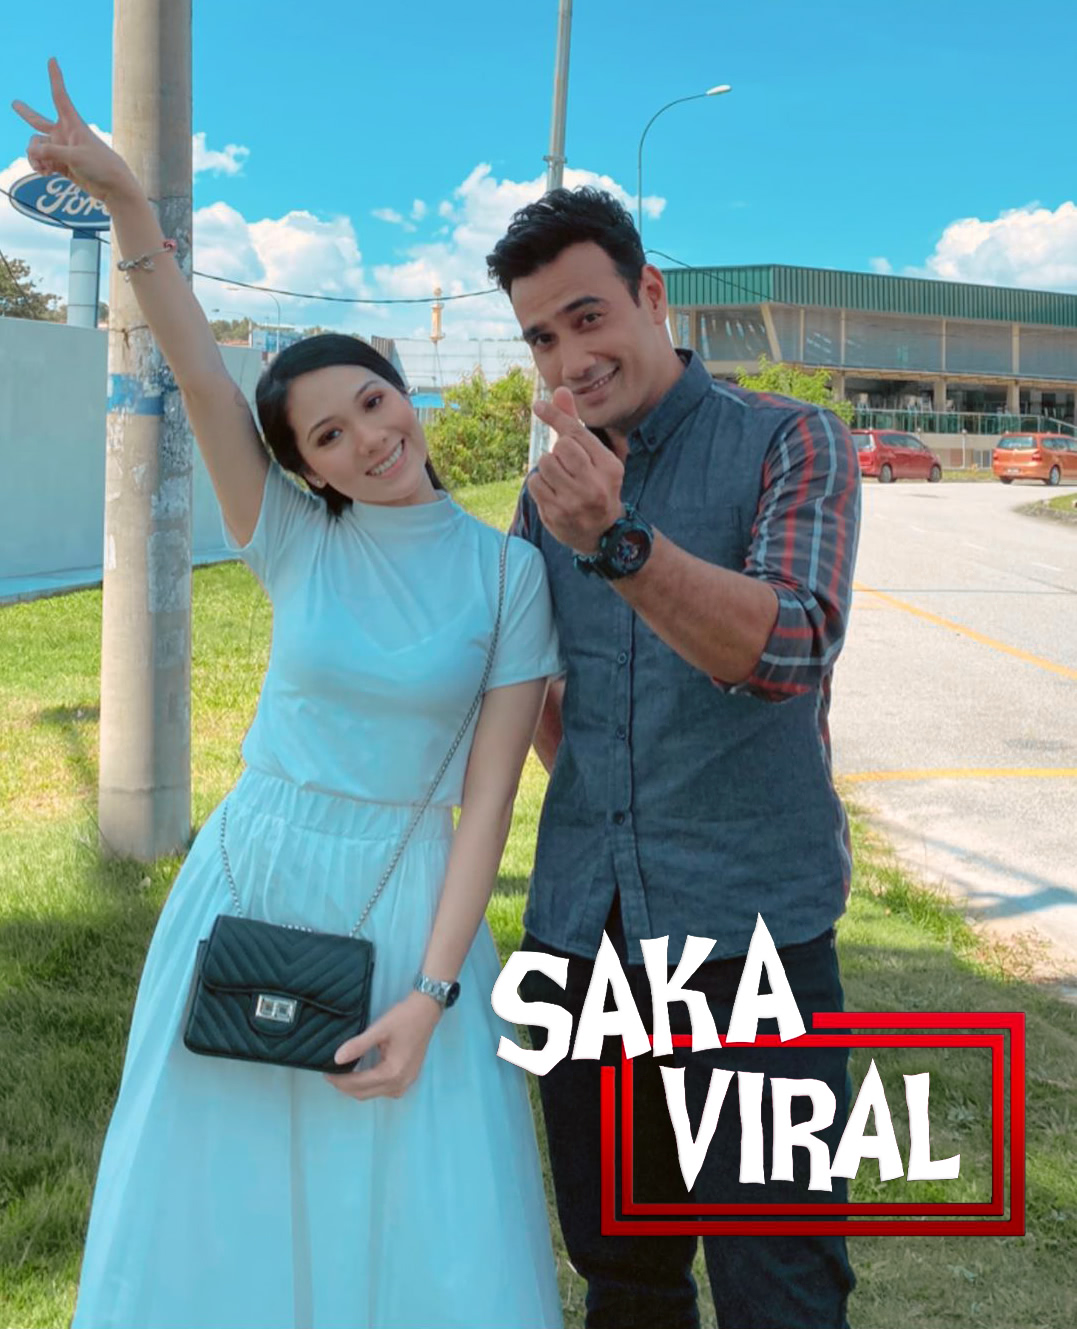 Saka Viral